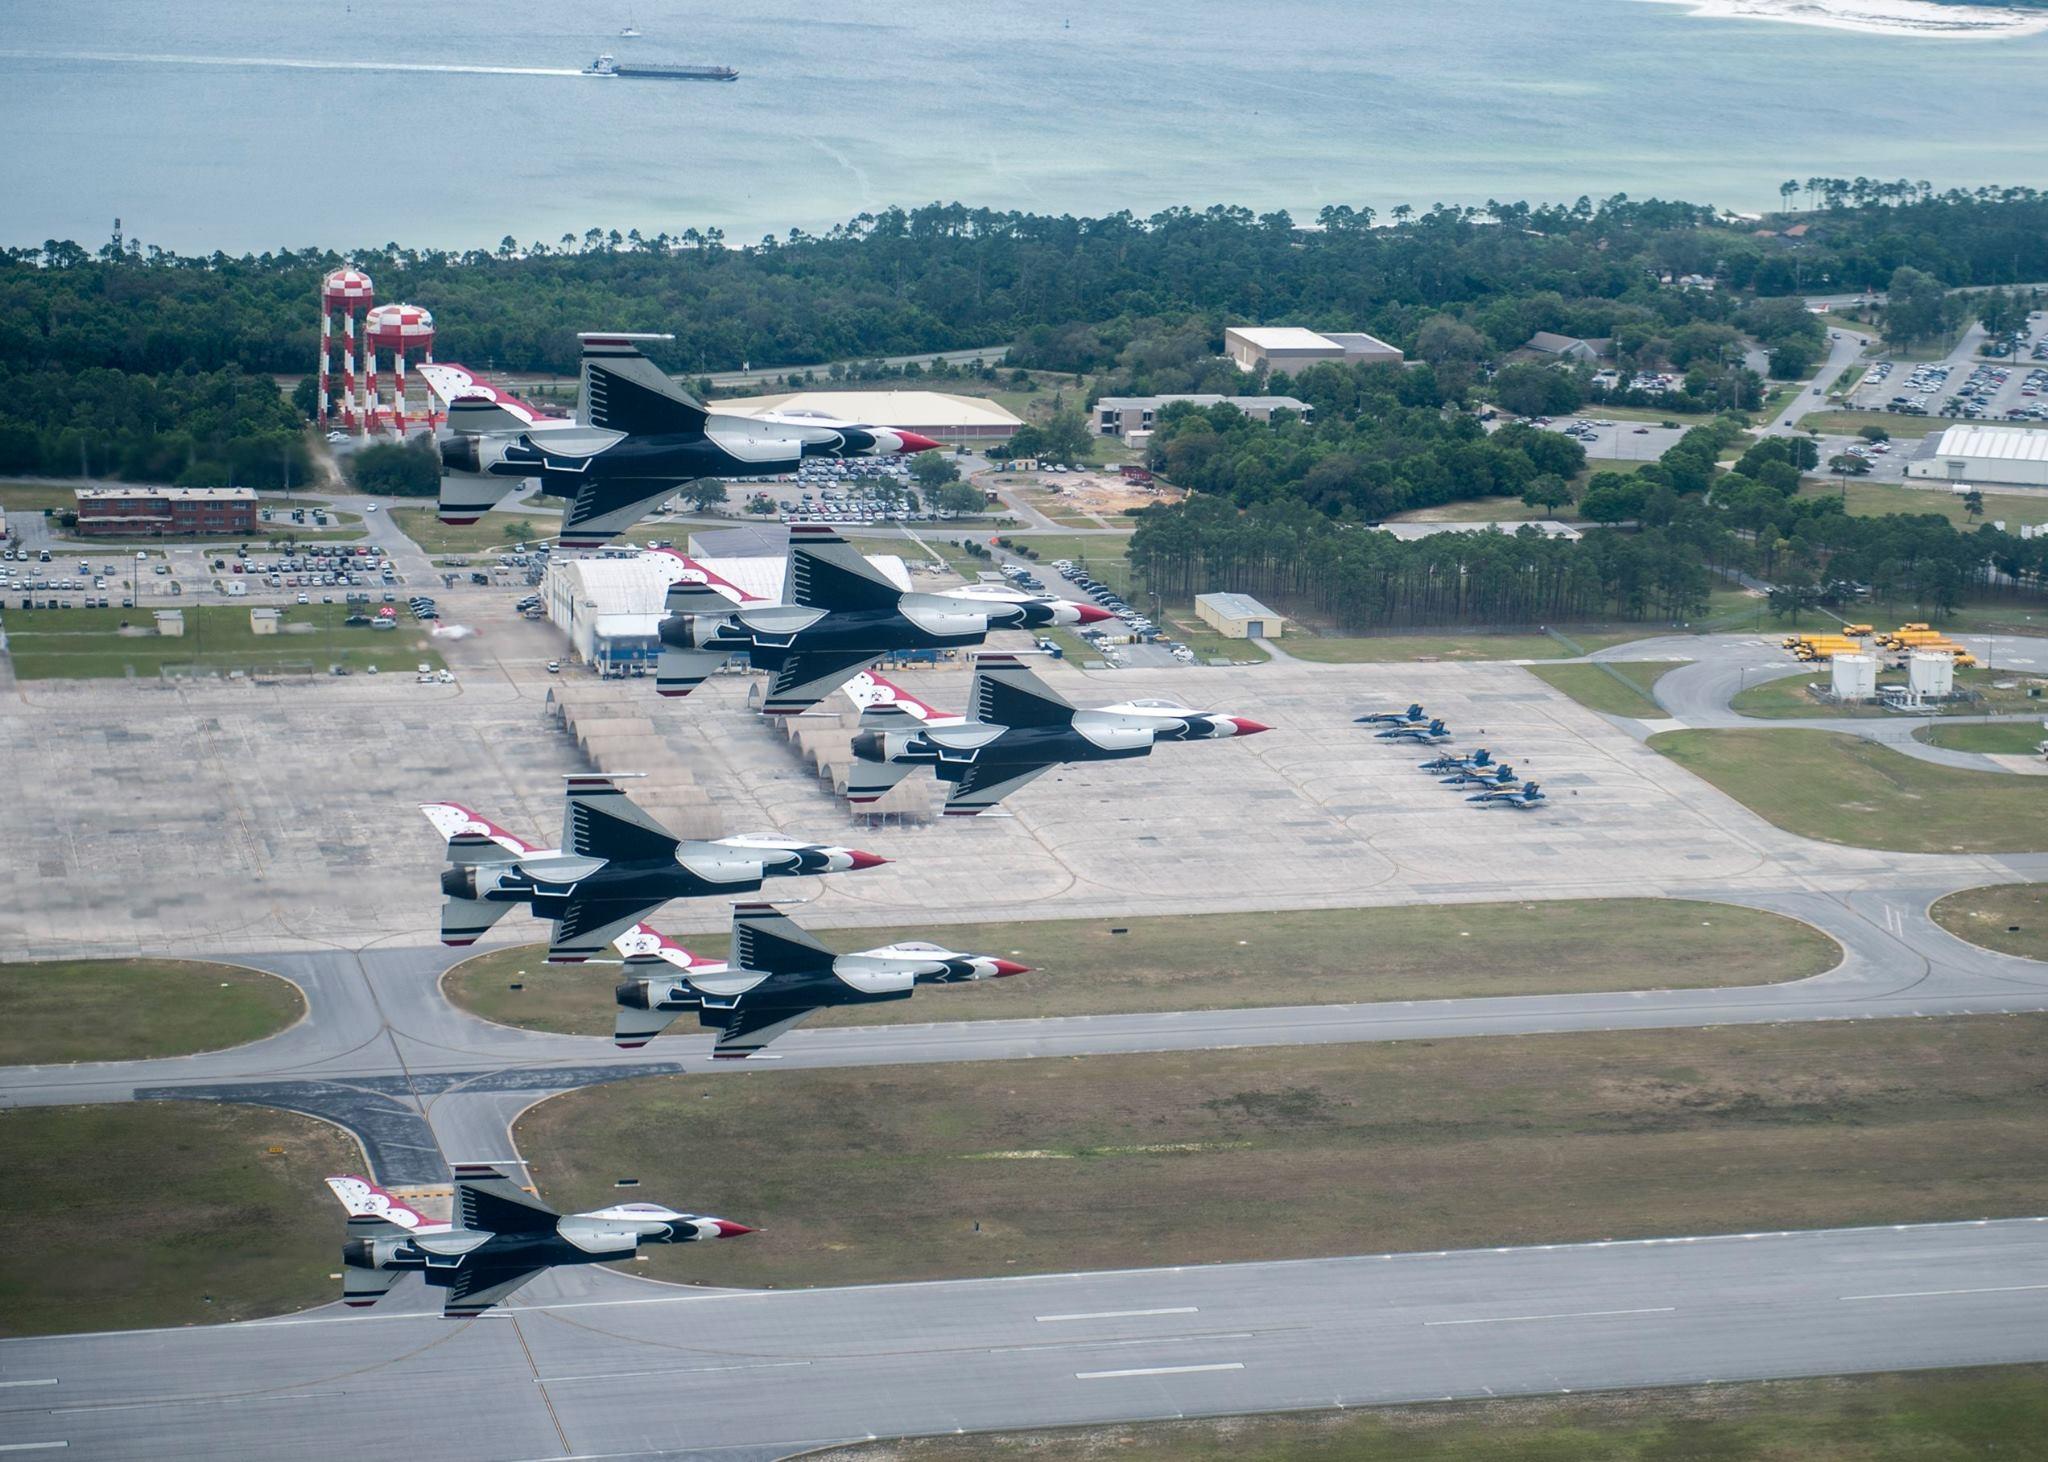 Thunderbirds over Pensacola Naval Base. Photo USAF